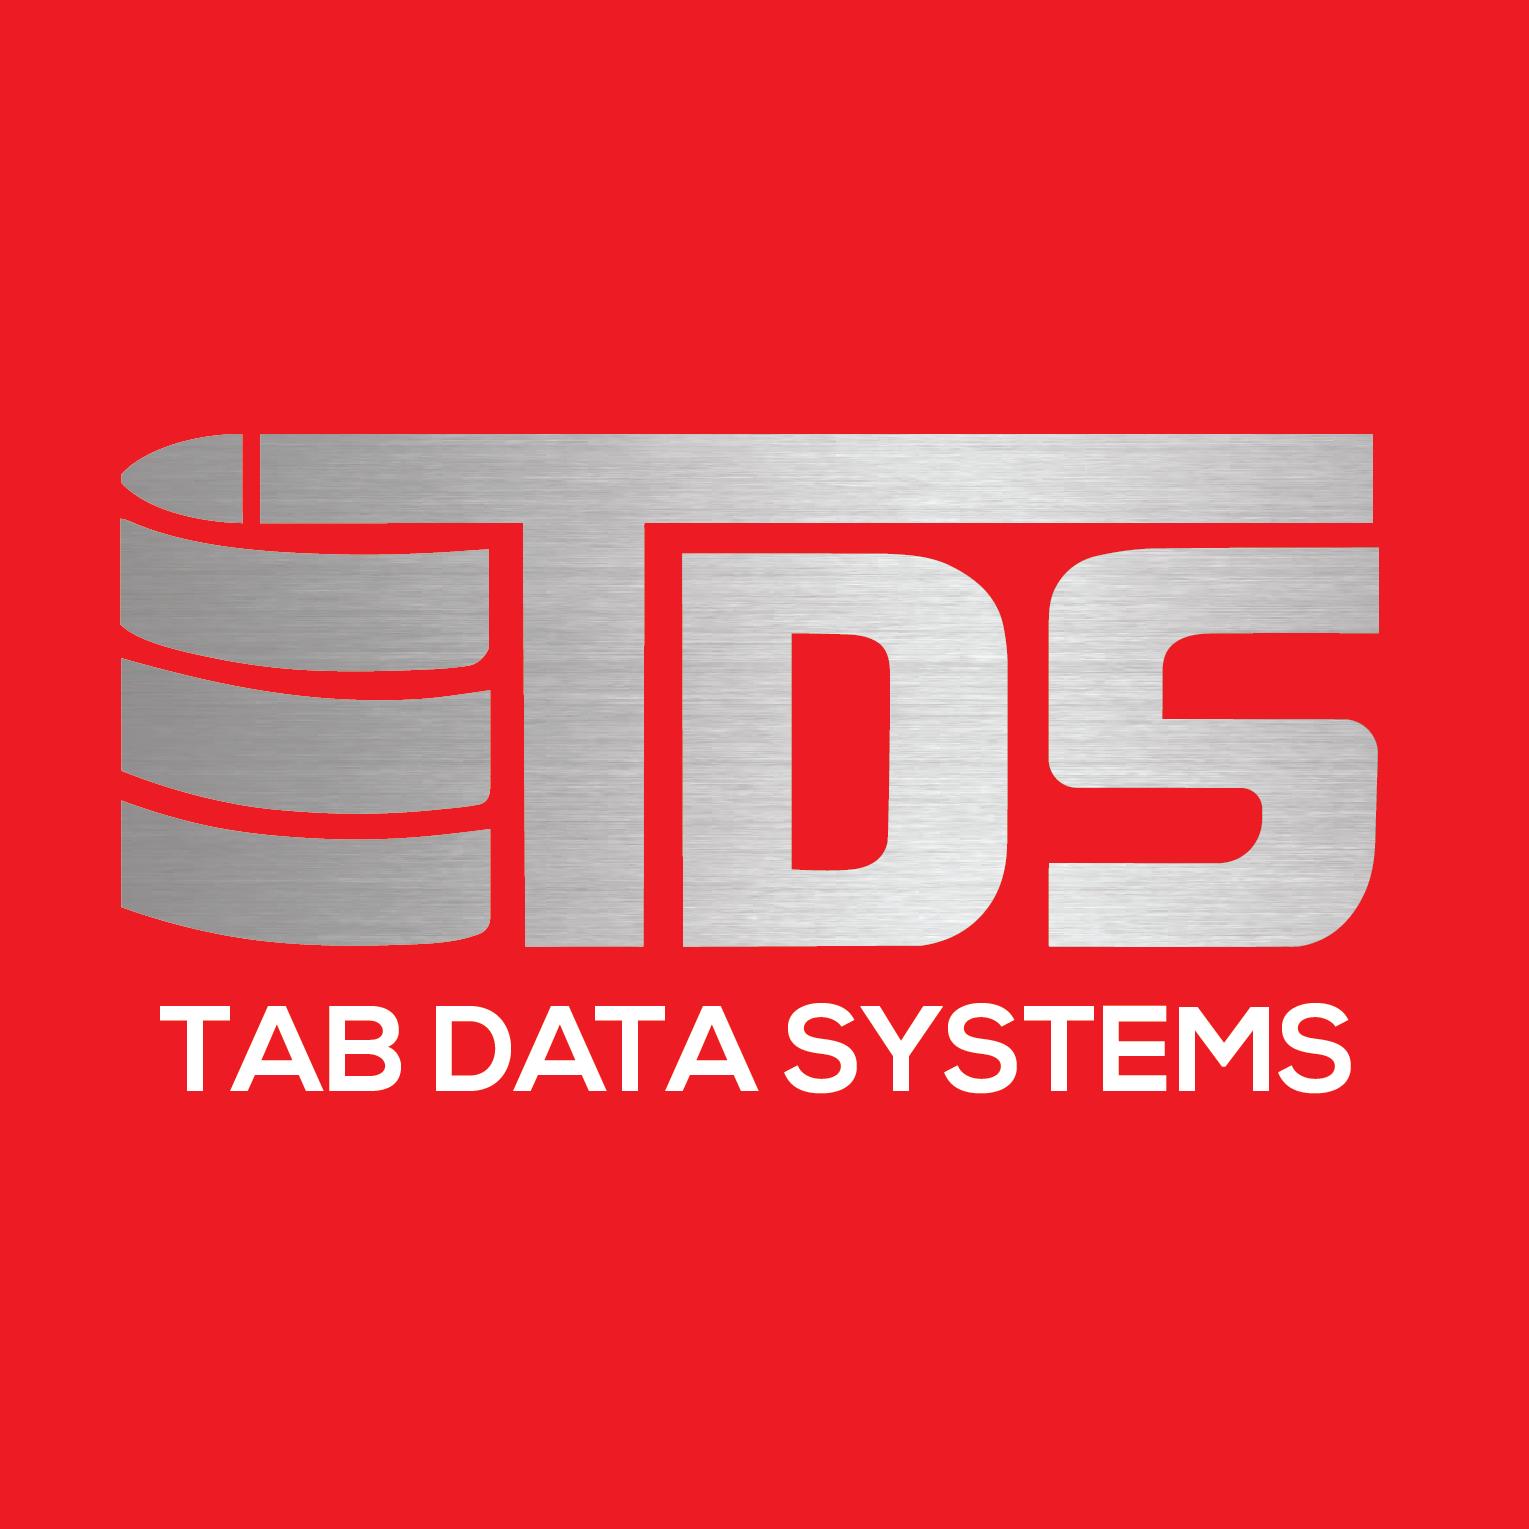 Tab Data Systems LLC